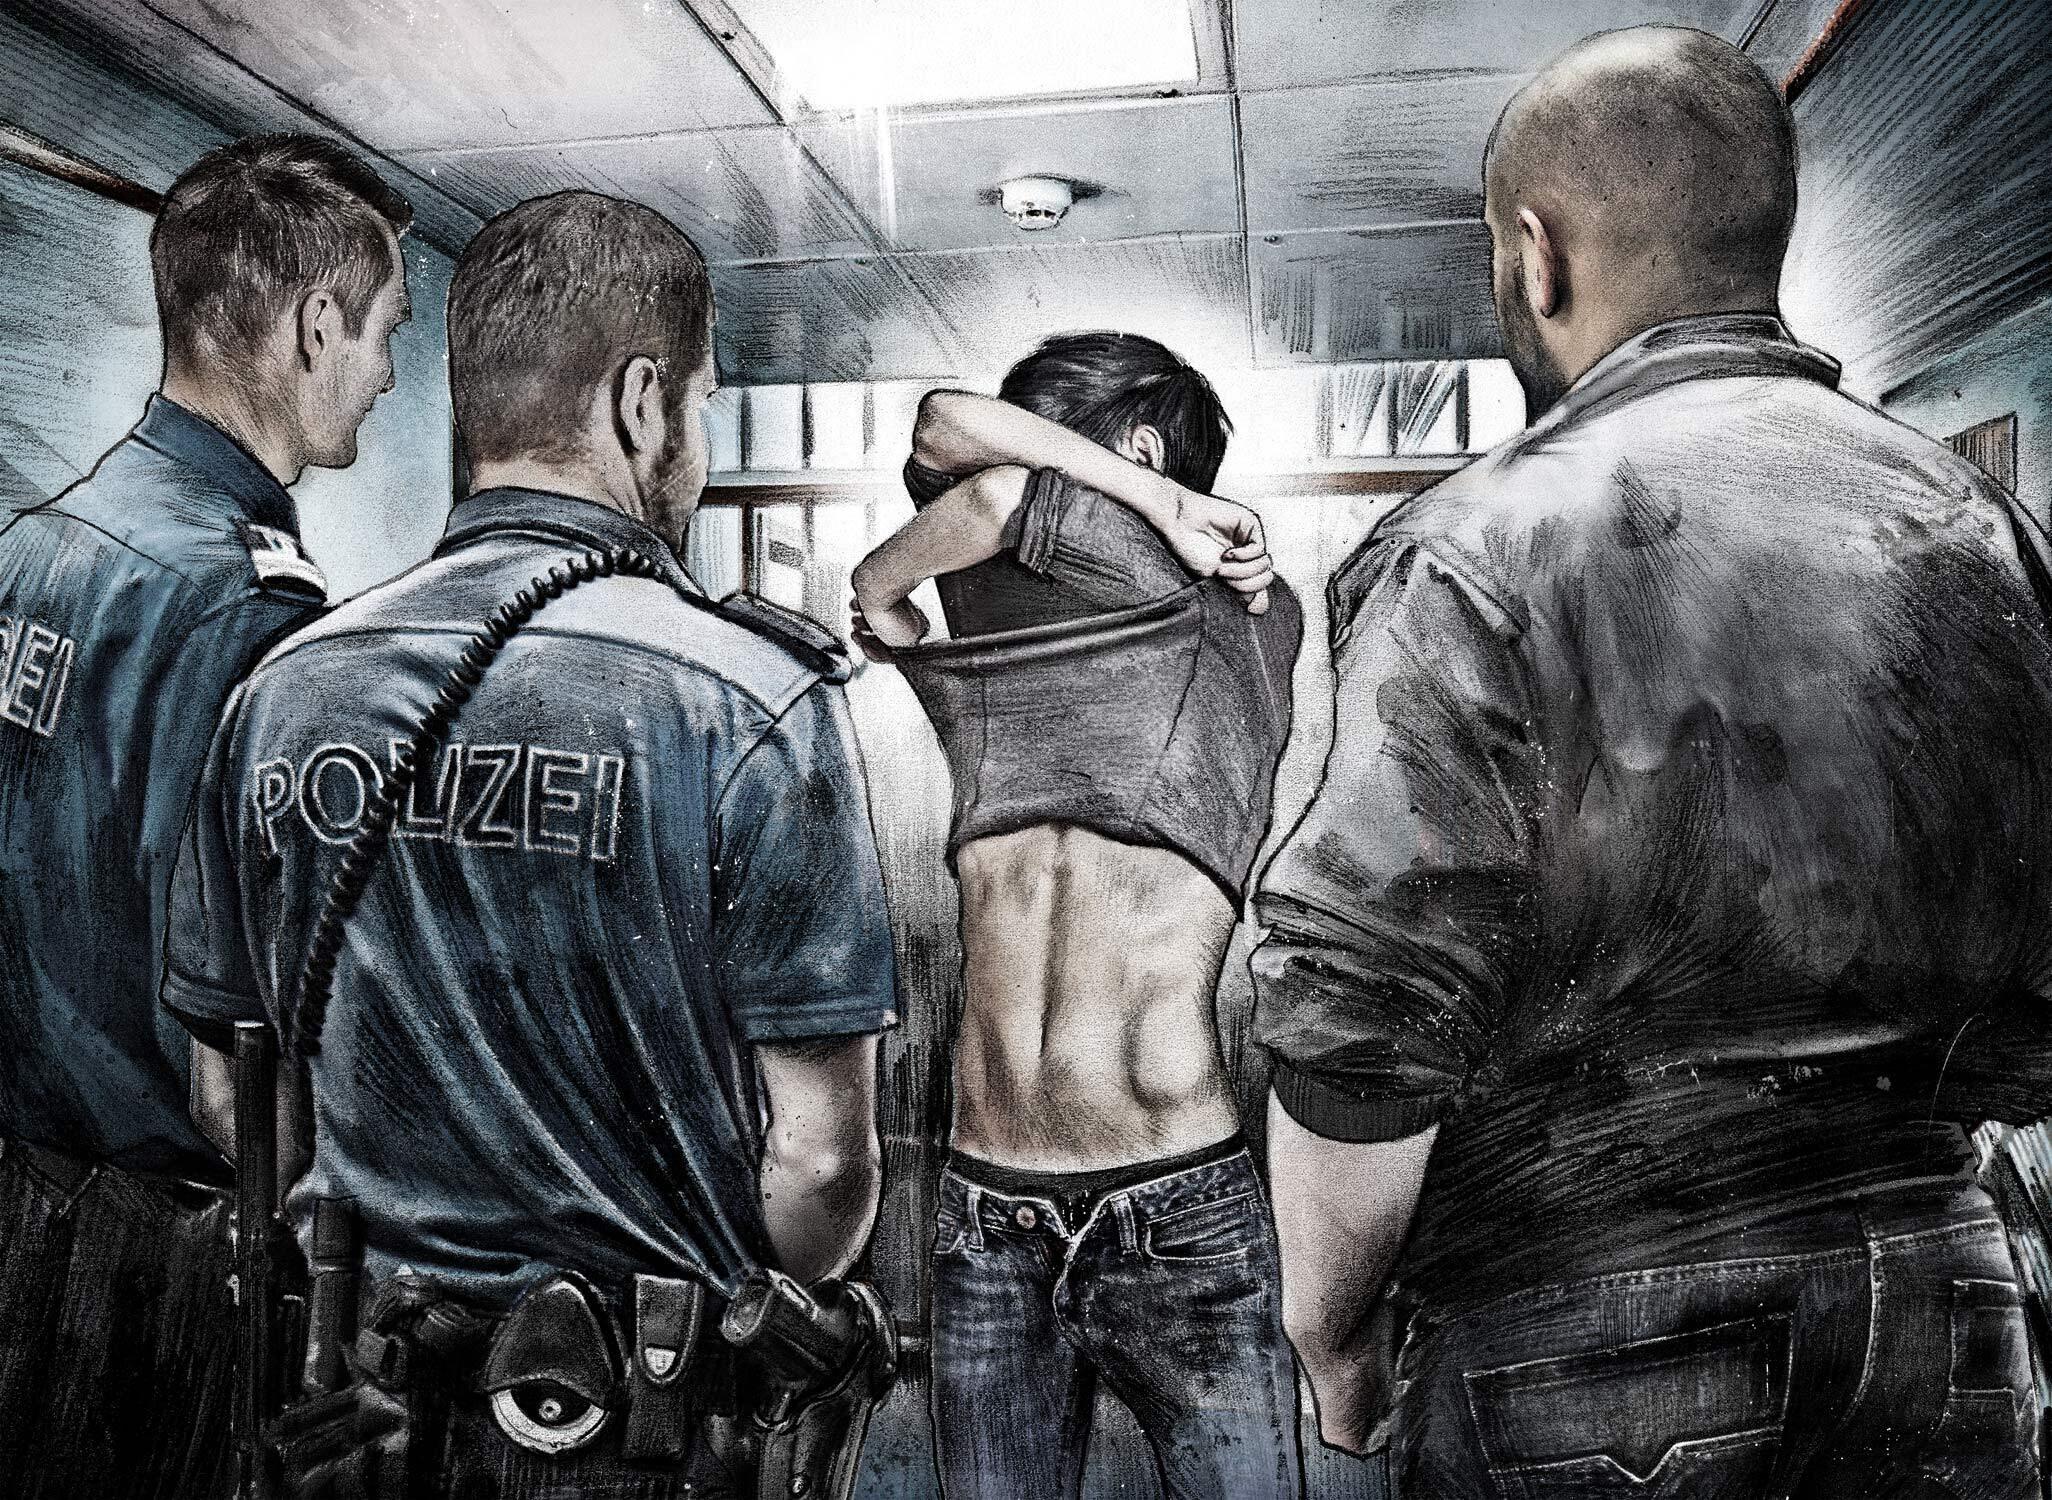 Illustration Polizeiposten Durchsuchung - Kornel Illustration   Kornel Stadler portfolio